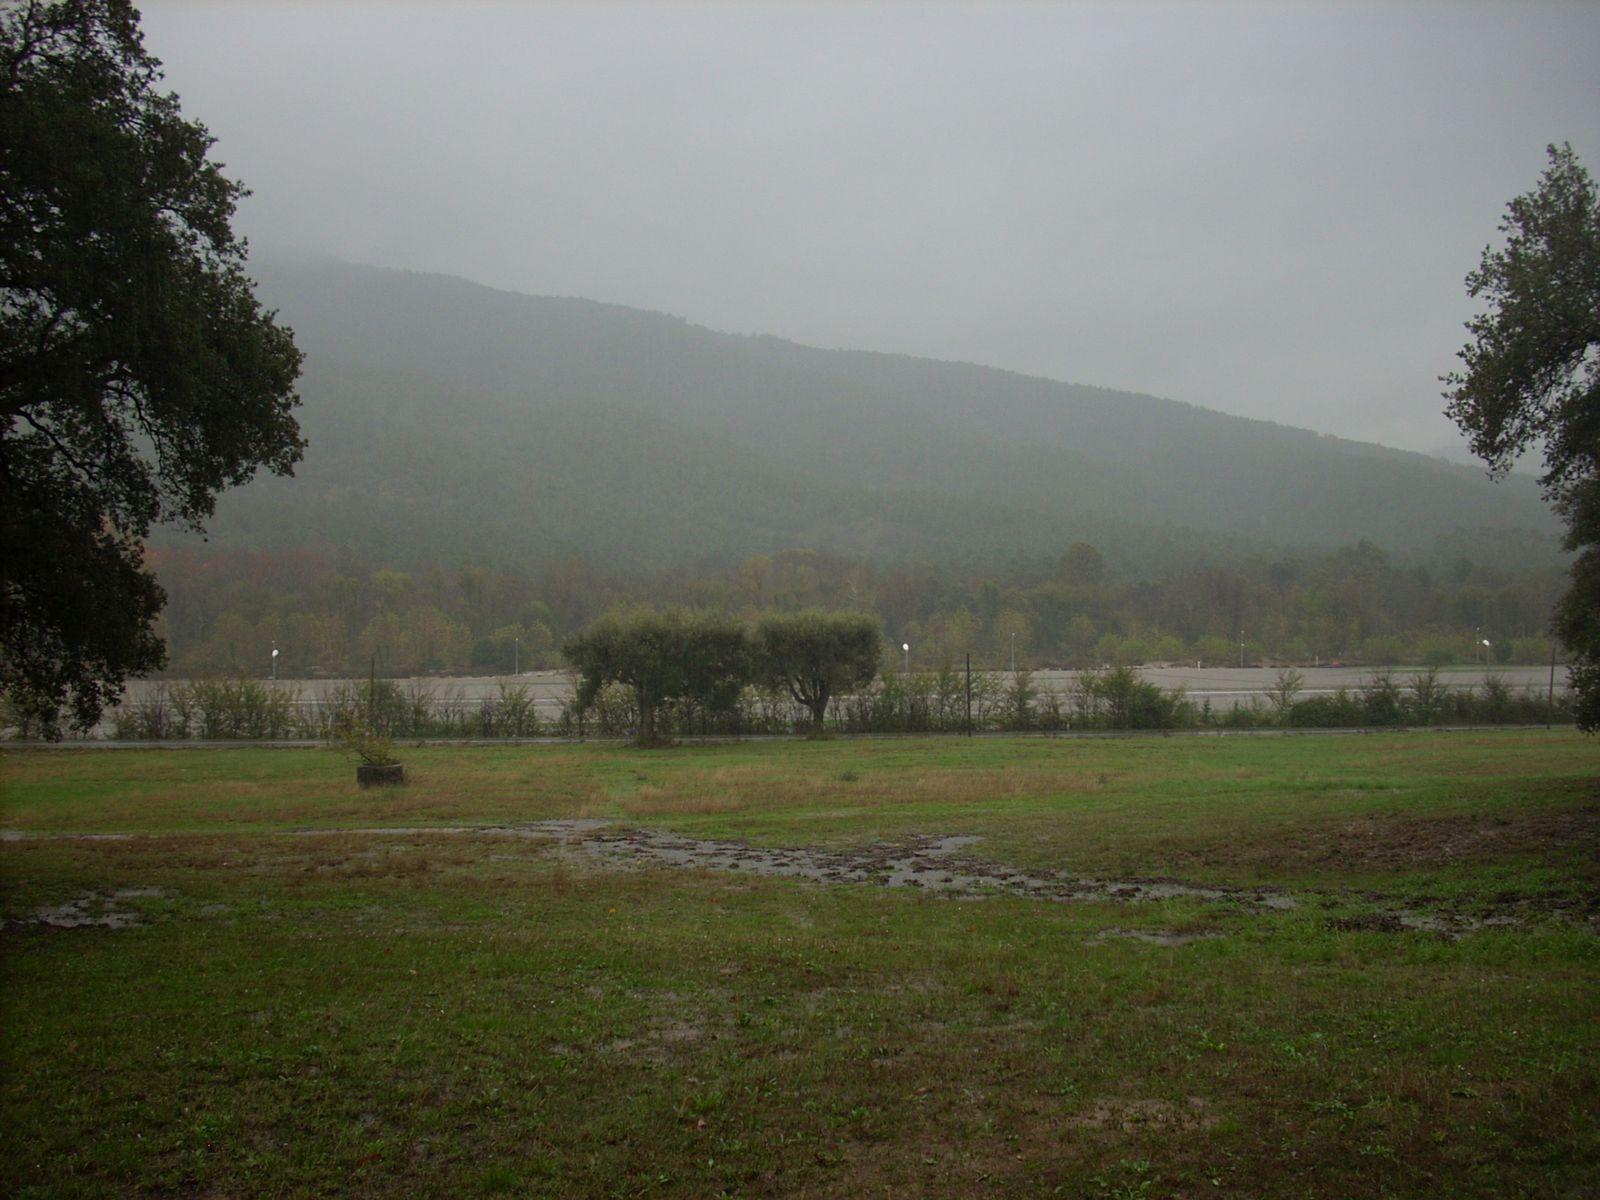 Inondations, quelques images d'années précédentes